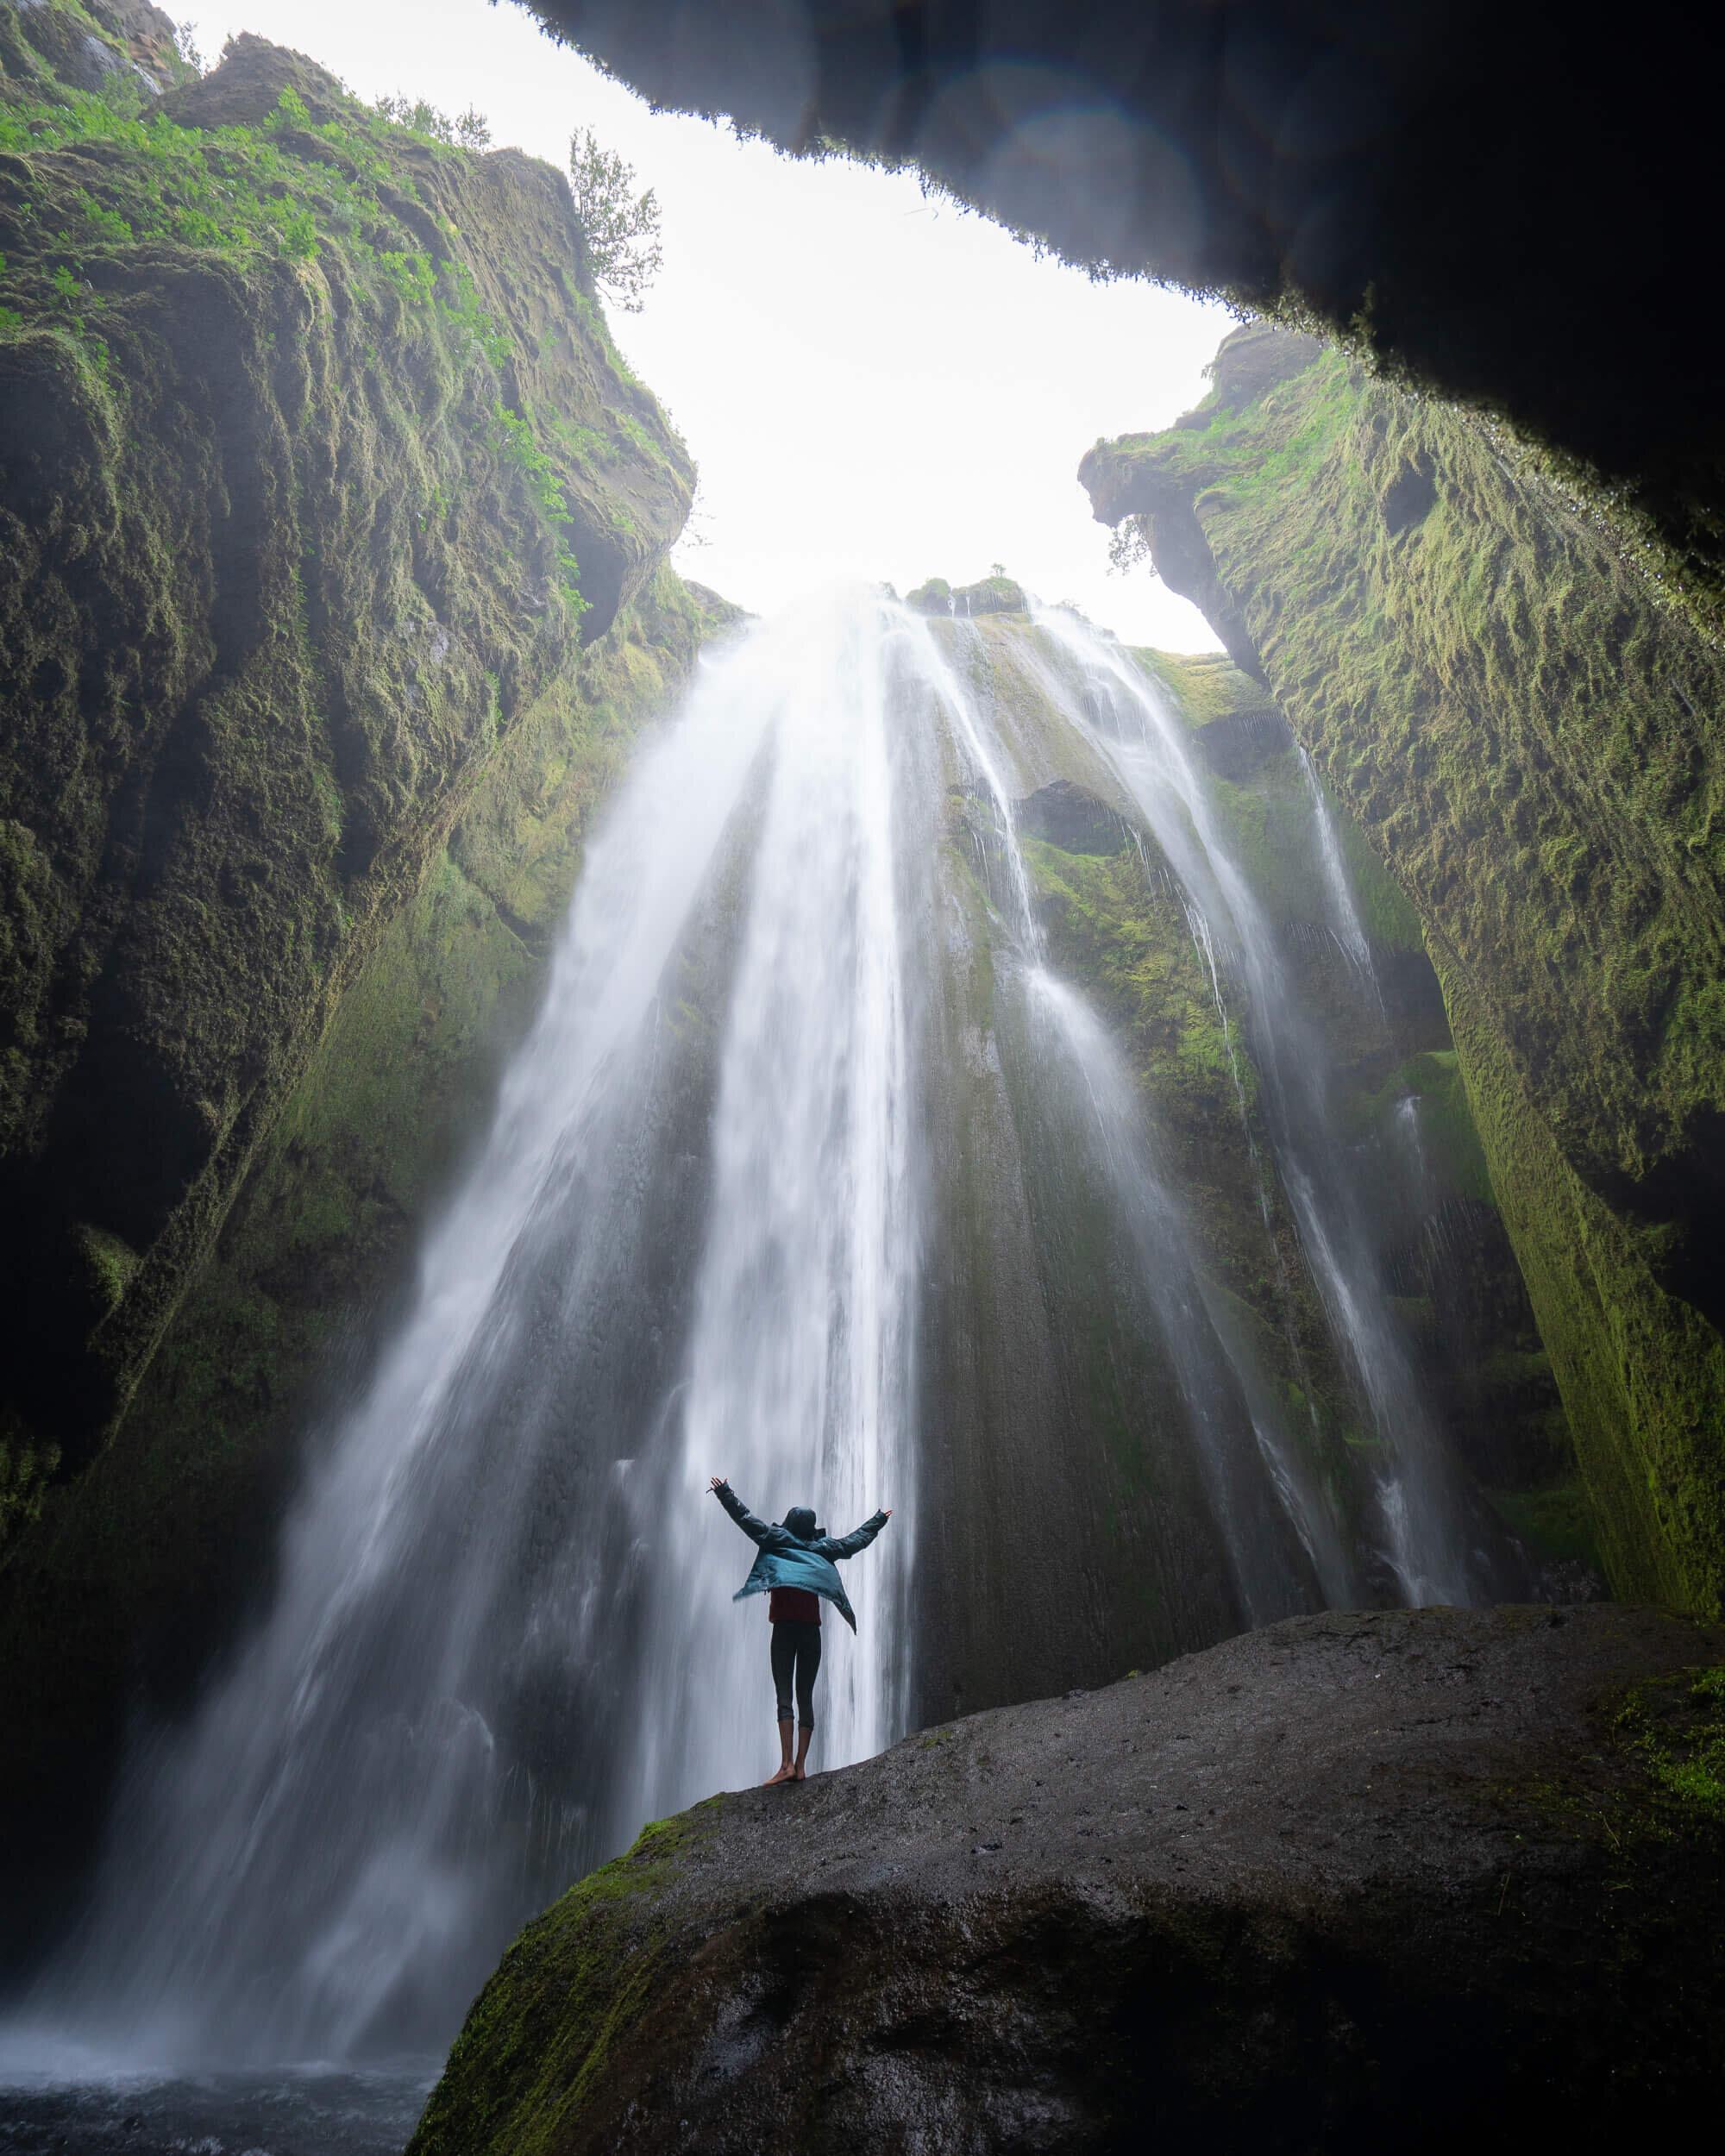 Gljúfrabúi waterfall in Iceland.